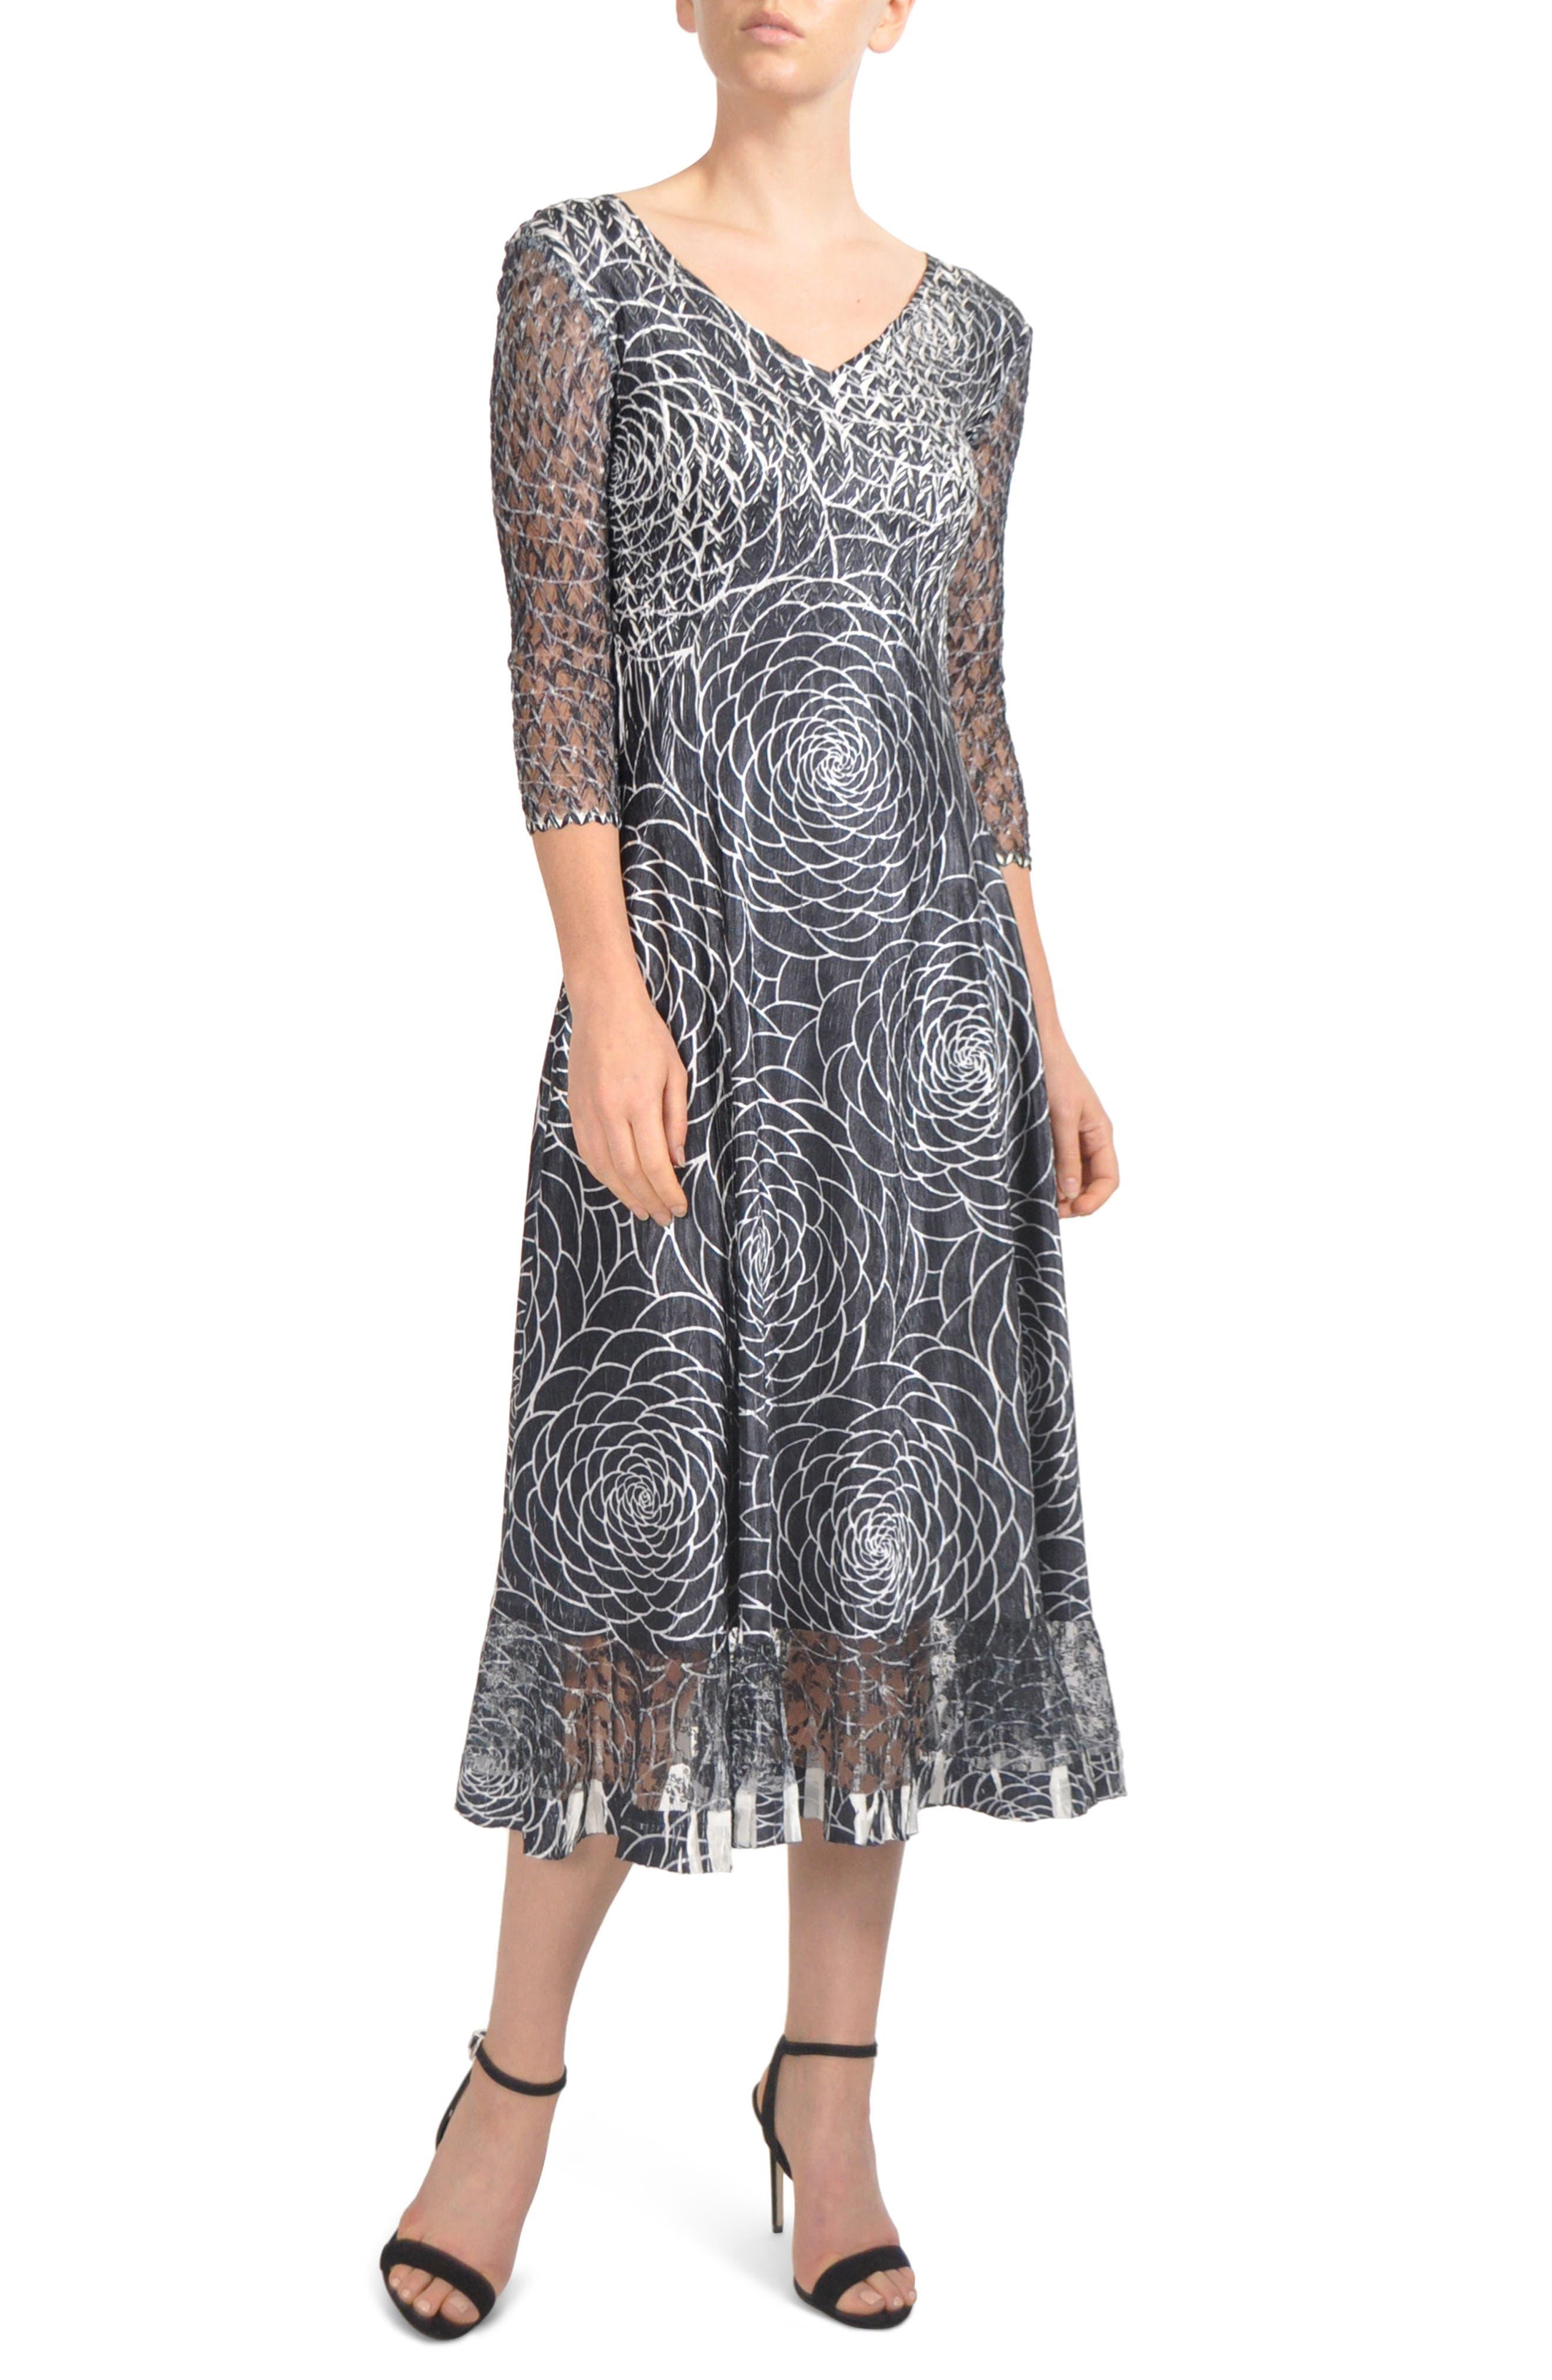 Petite Komarov Charmeuse & Lace Midi Dress, Black